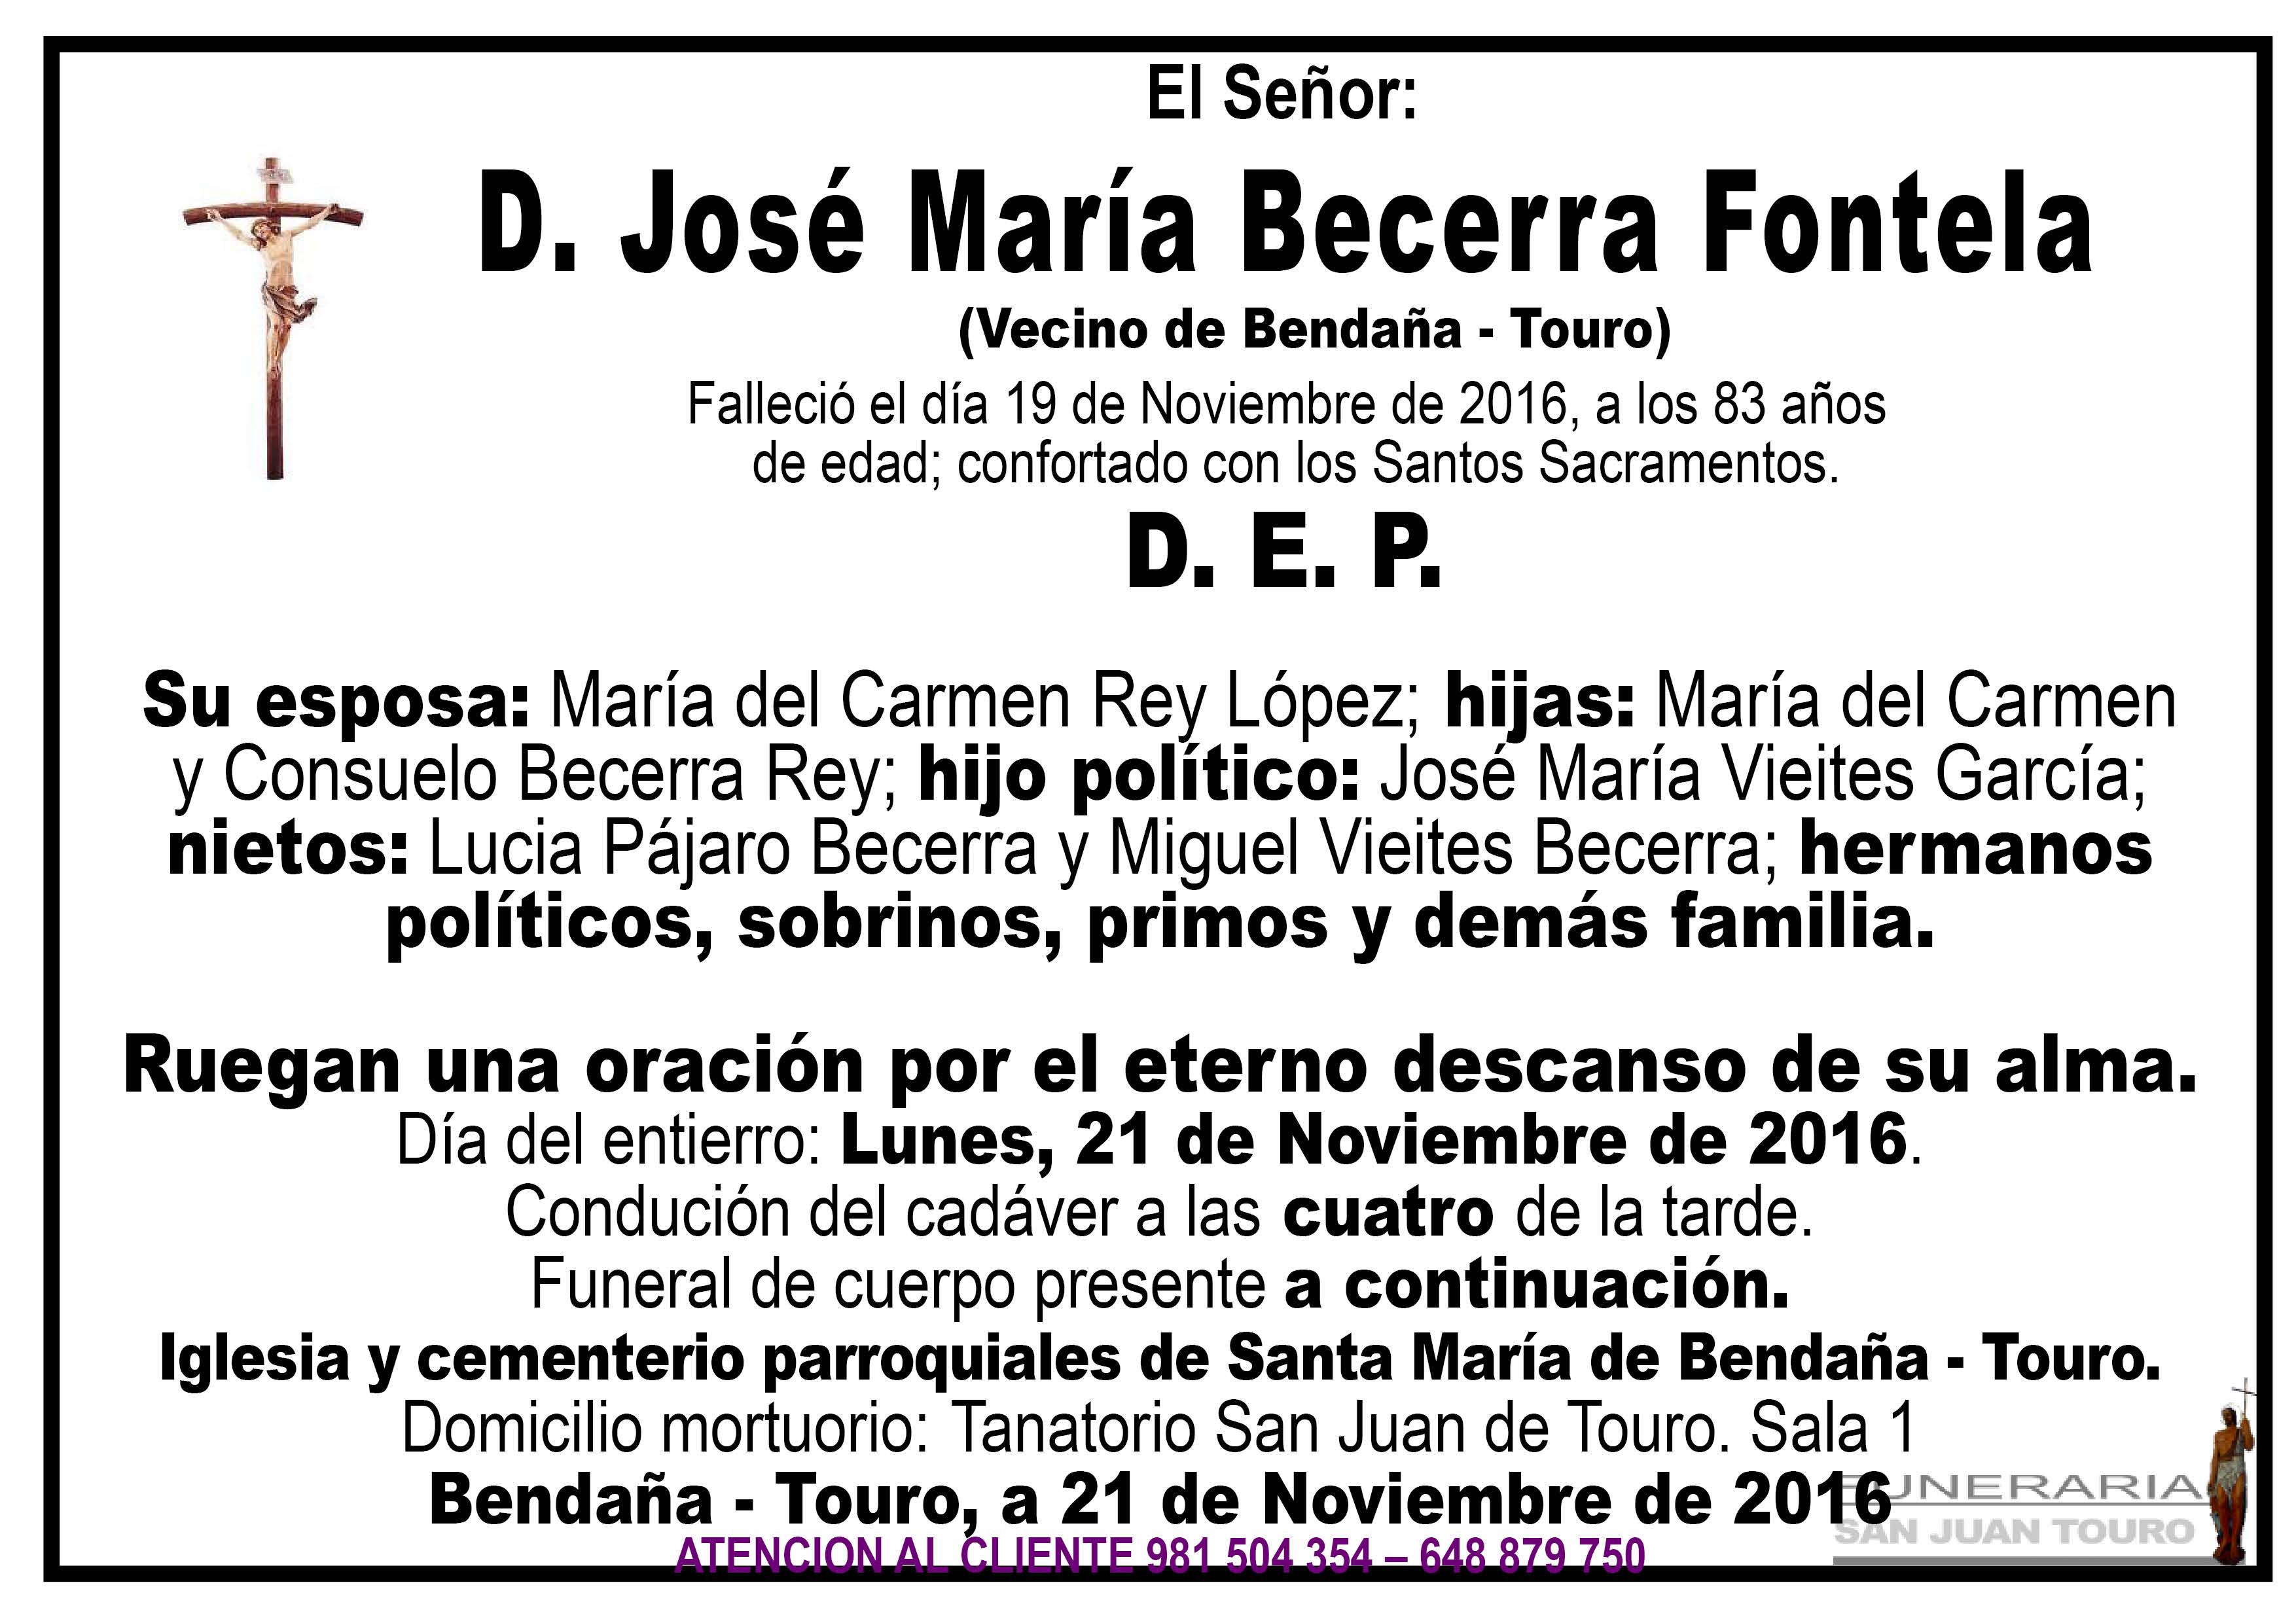 Esquela de SEPELIO D JOSÉ MARÍA BECERRA FONTELA